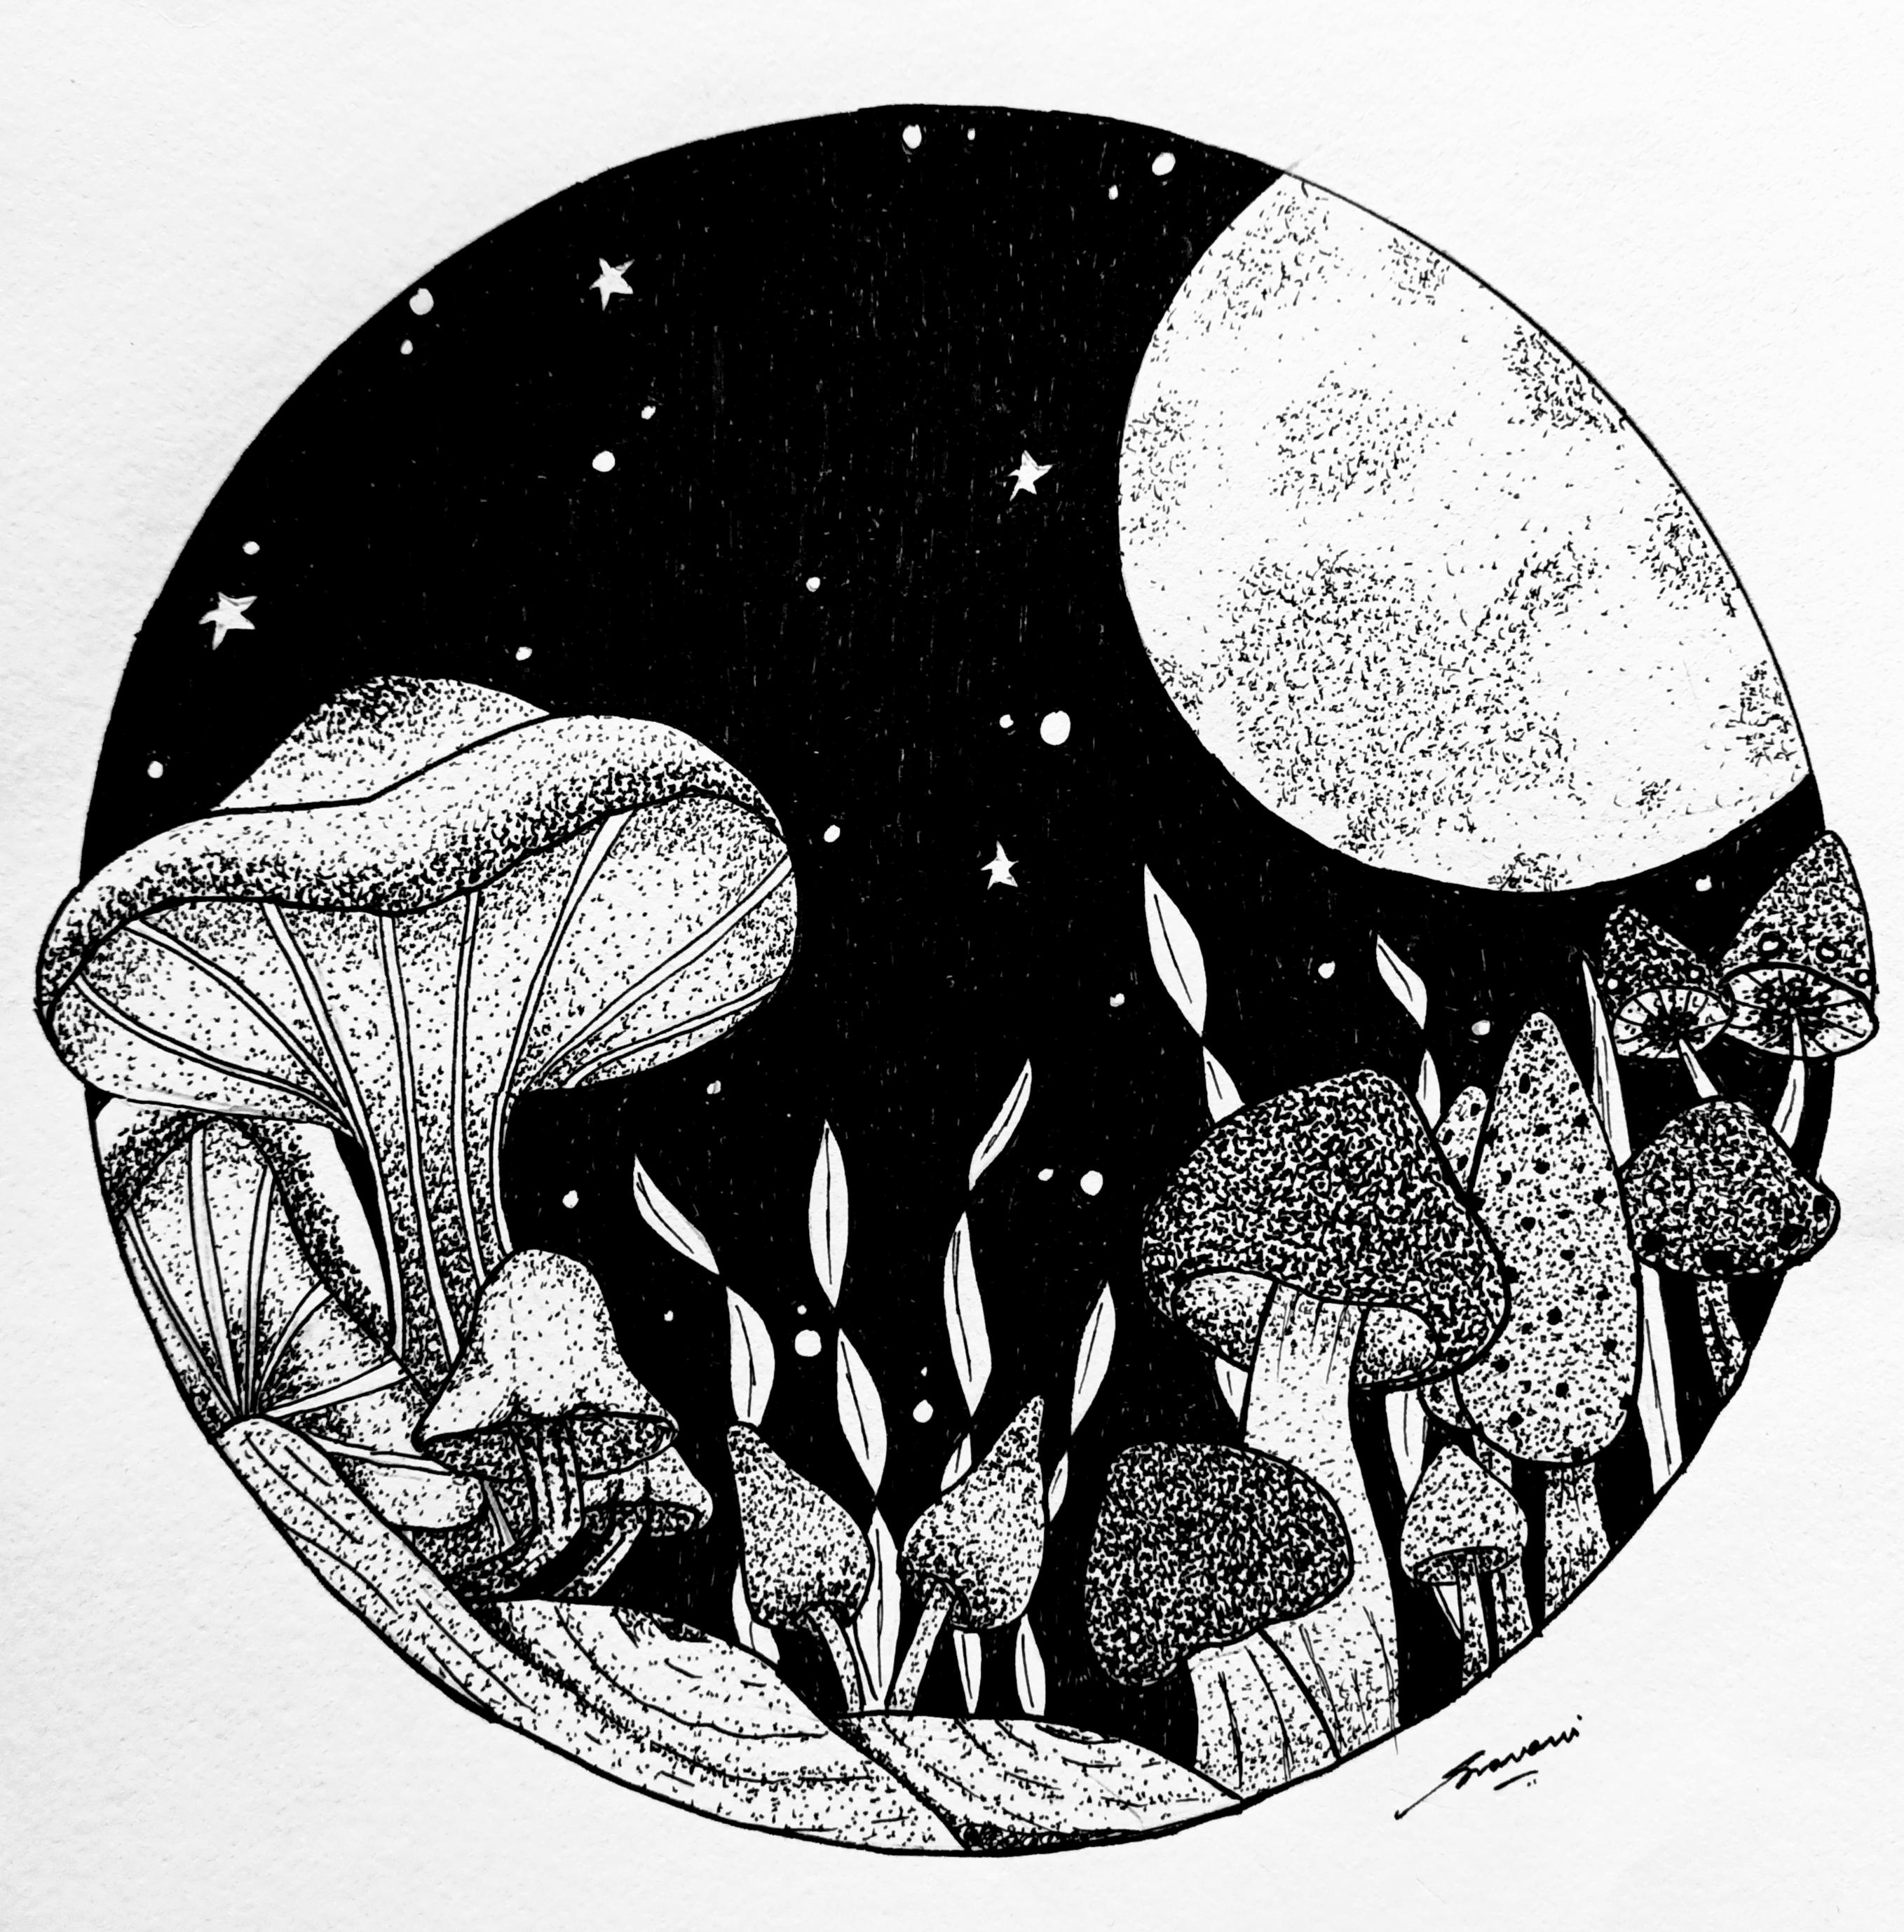 For the Love of mushrooms Slider 1/1